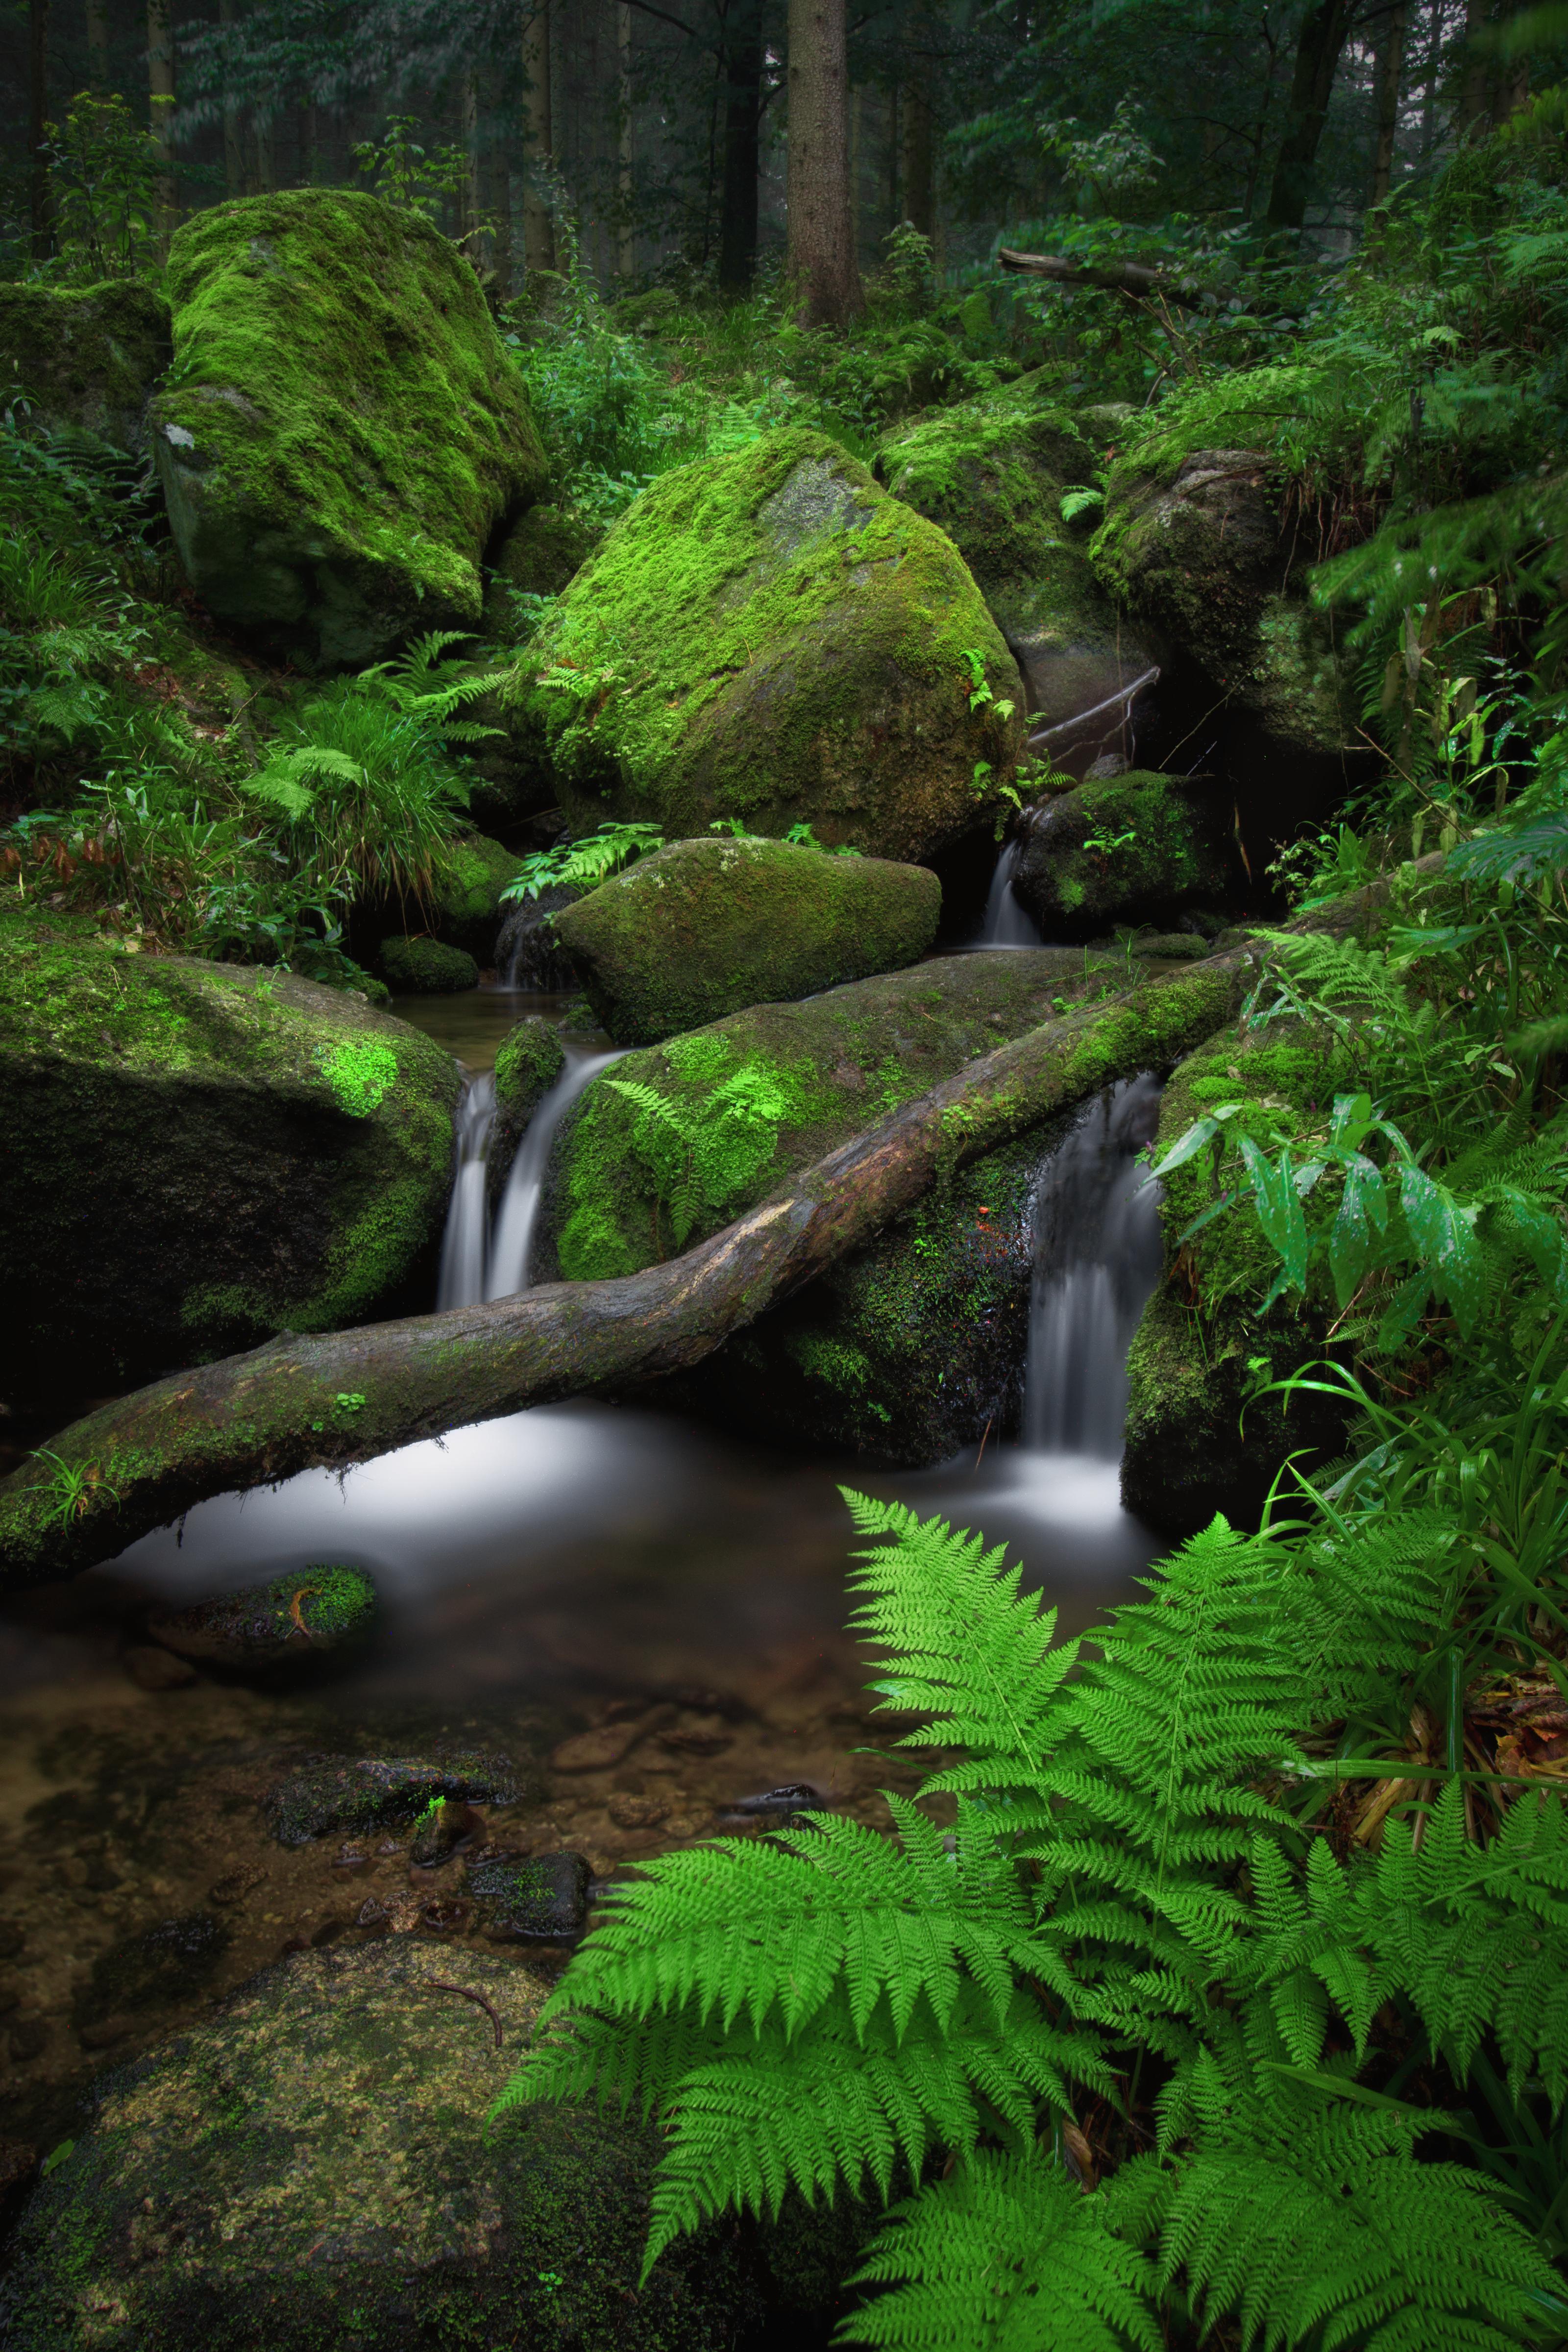 124761 скачать обои Камни, Папоротник, Водопад, Природа, Мох - заставки и картинки бесплатно